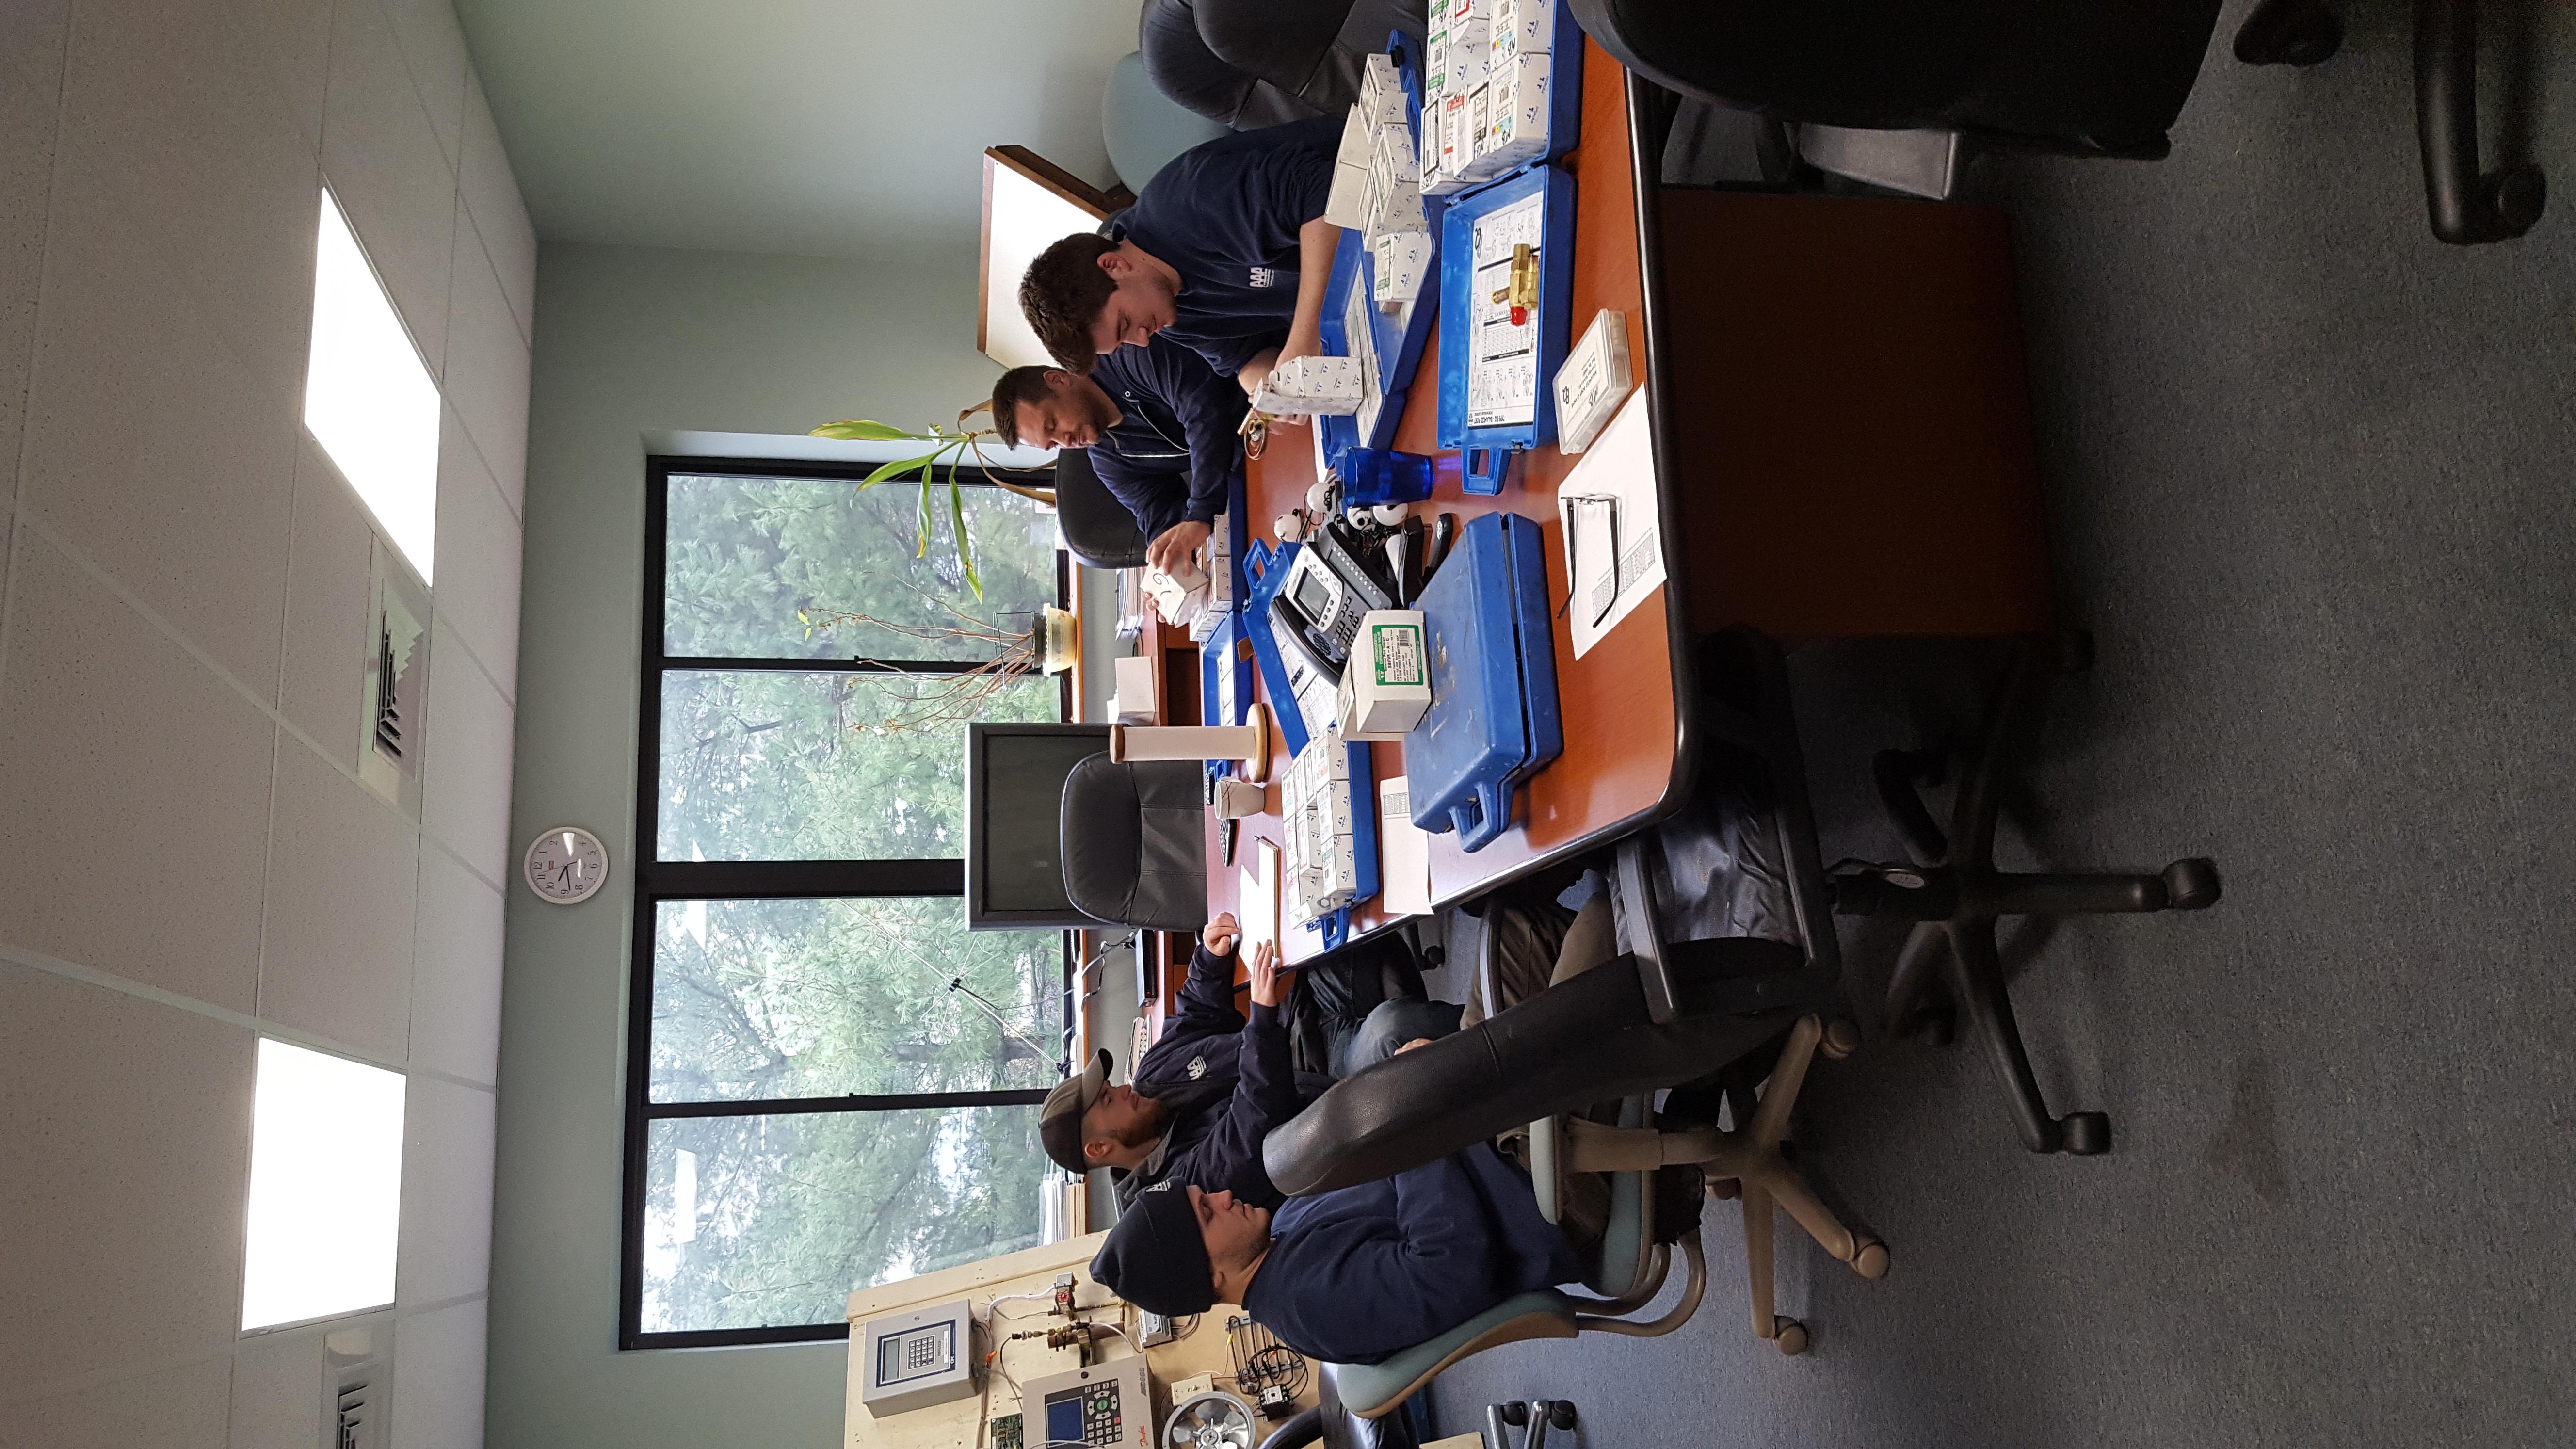 AAA office txv class 11-6-18